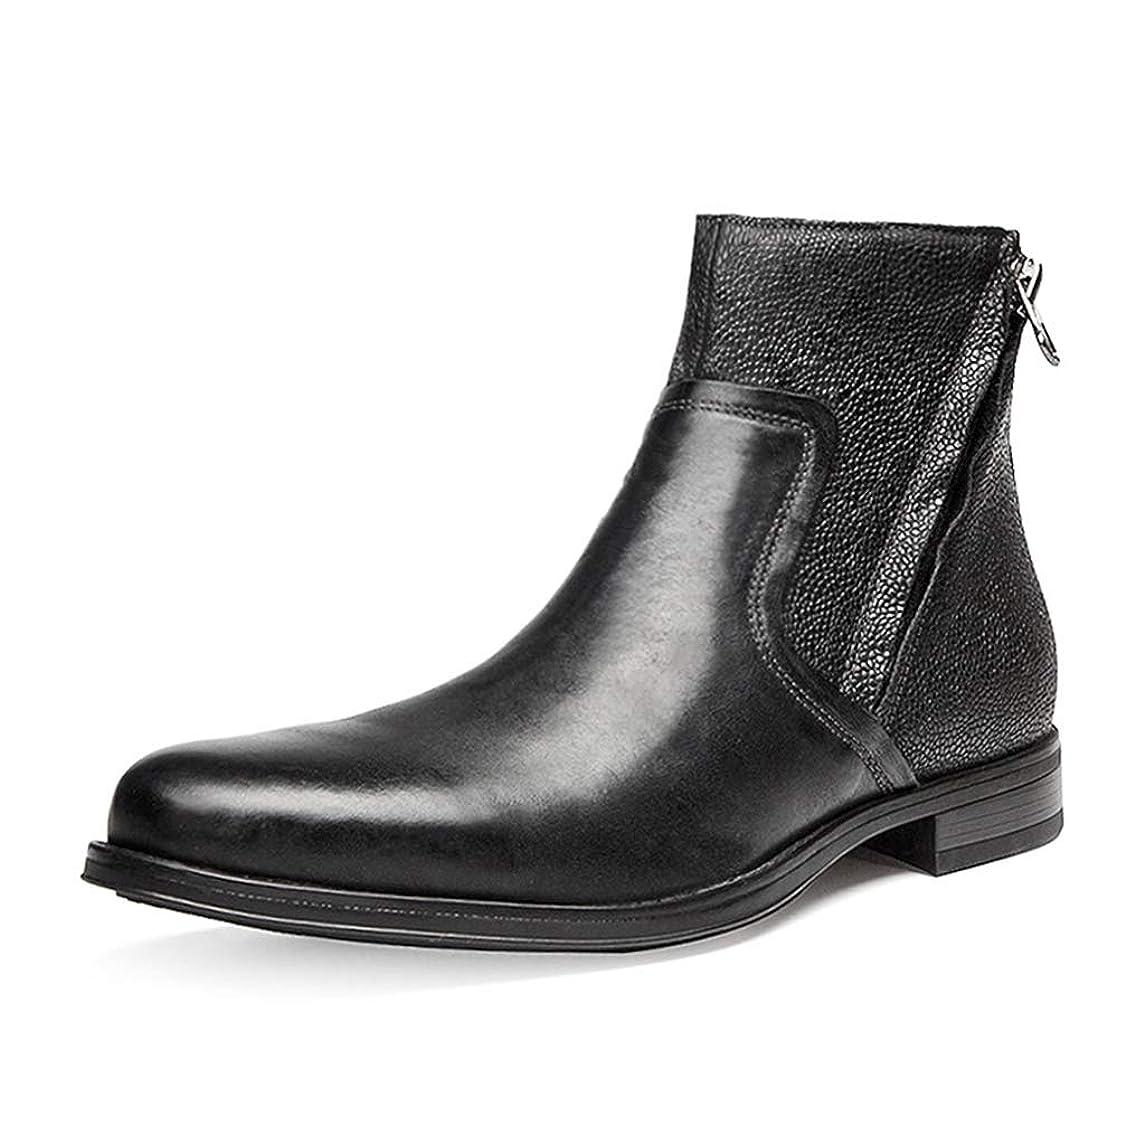 完全に乾くエネルギー闘争[Placck] ブーツ ビジネスブーツ メンズ 紳士靴 秋冬靴 レインシューズ アウトドア ショートブーツ 革靴 大きいサイズ 25cm-27.5 本革 防水